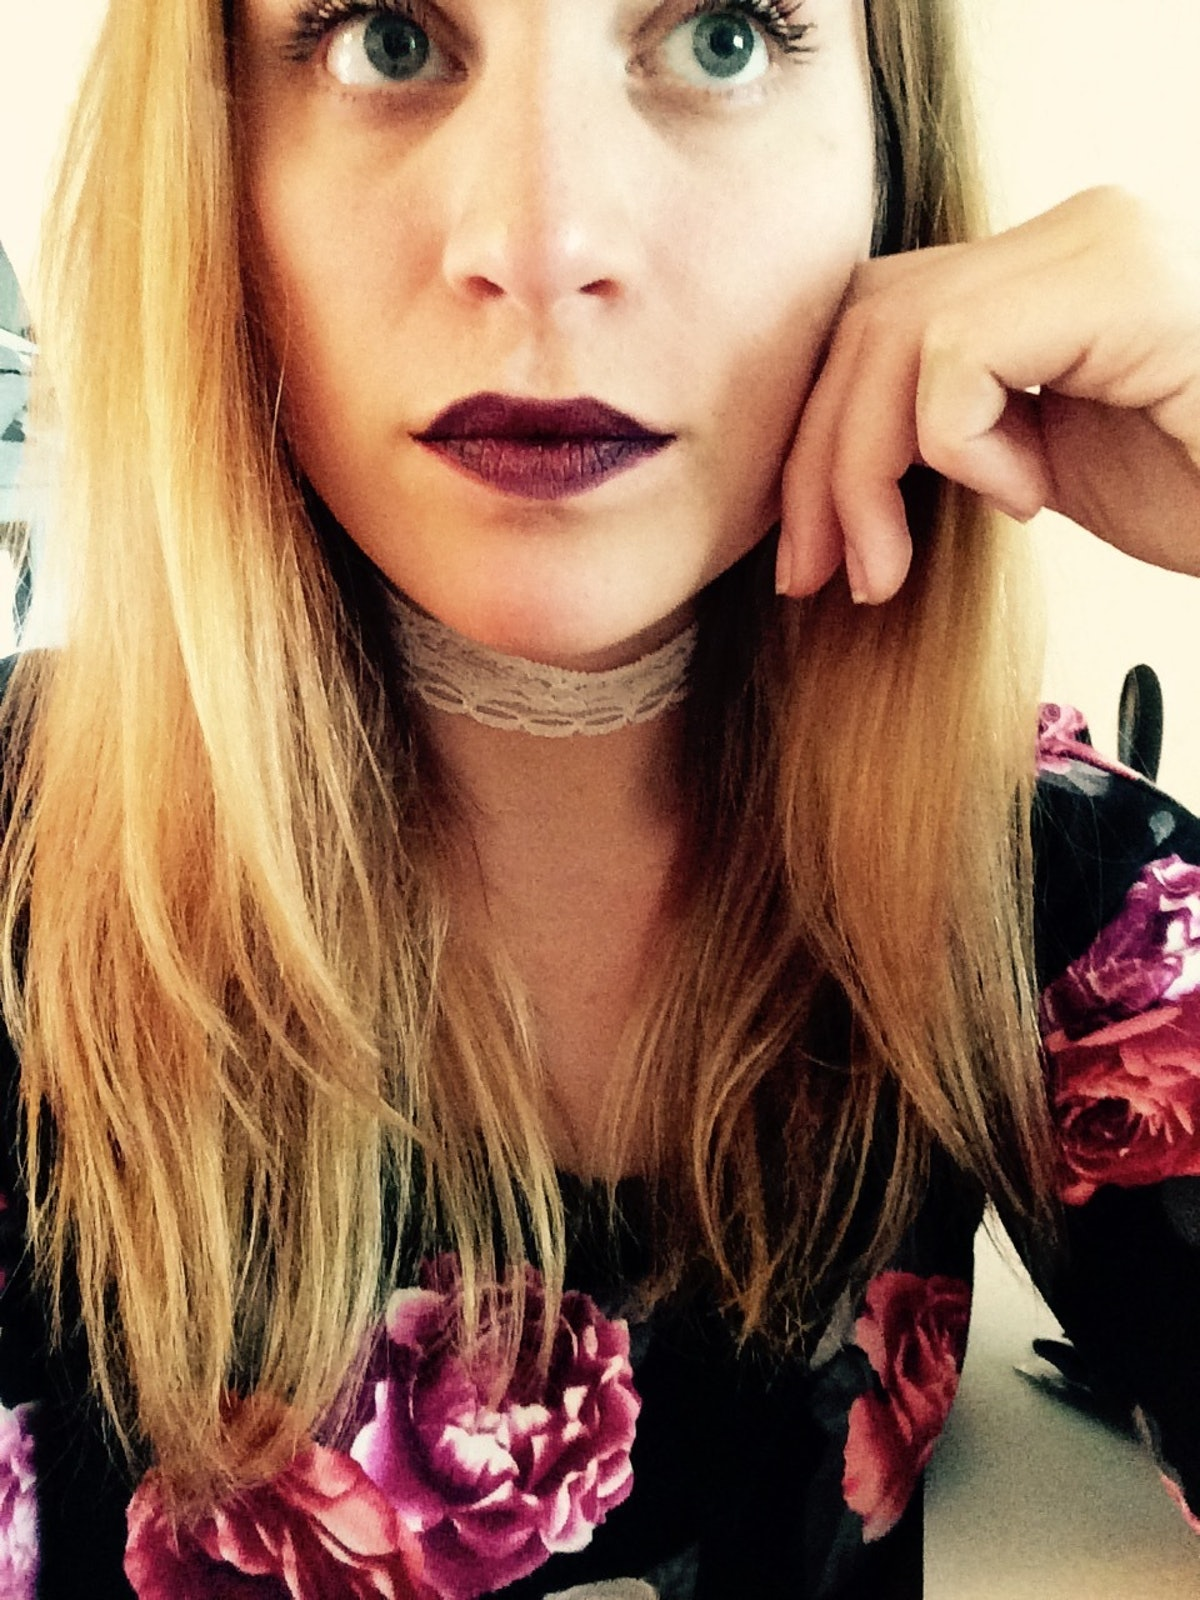 Ilia Jones